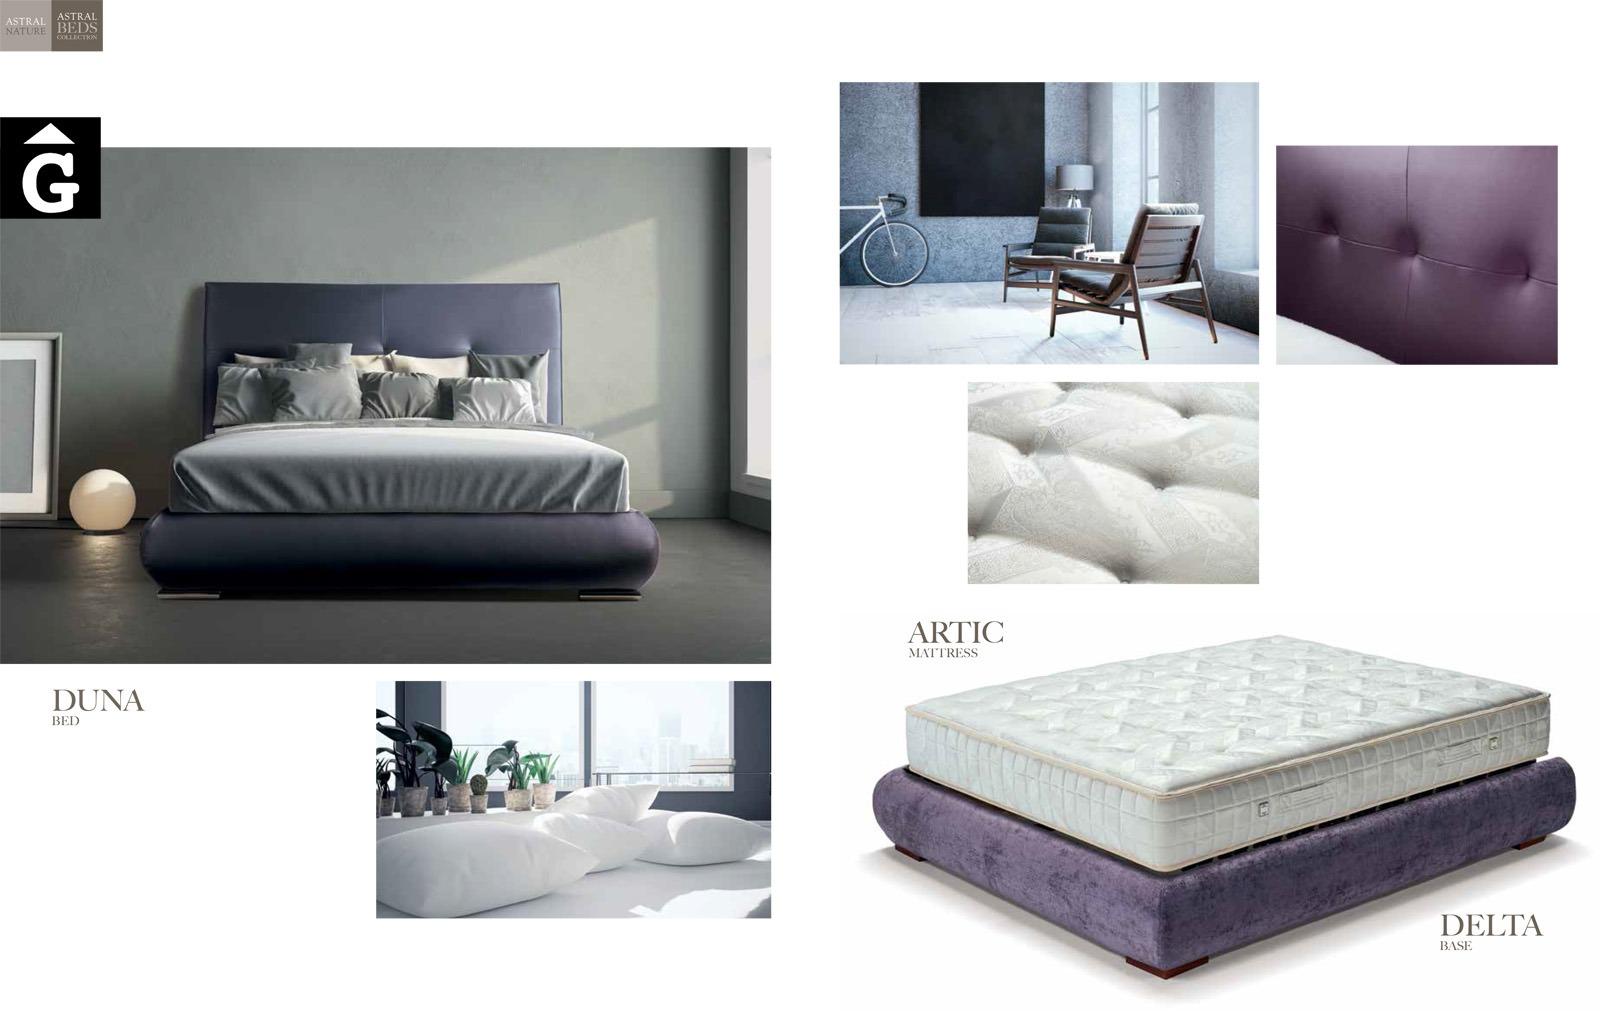 Duna llit entapissat detalls Beds Astral Nature descans qualitat natural i salut junts per mobles Gifreu